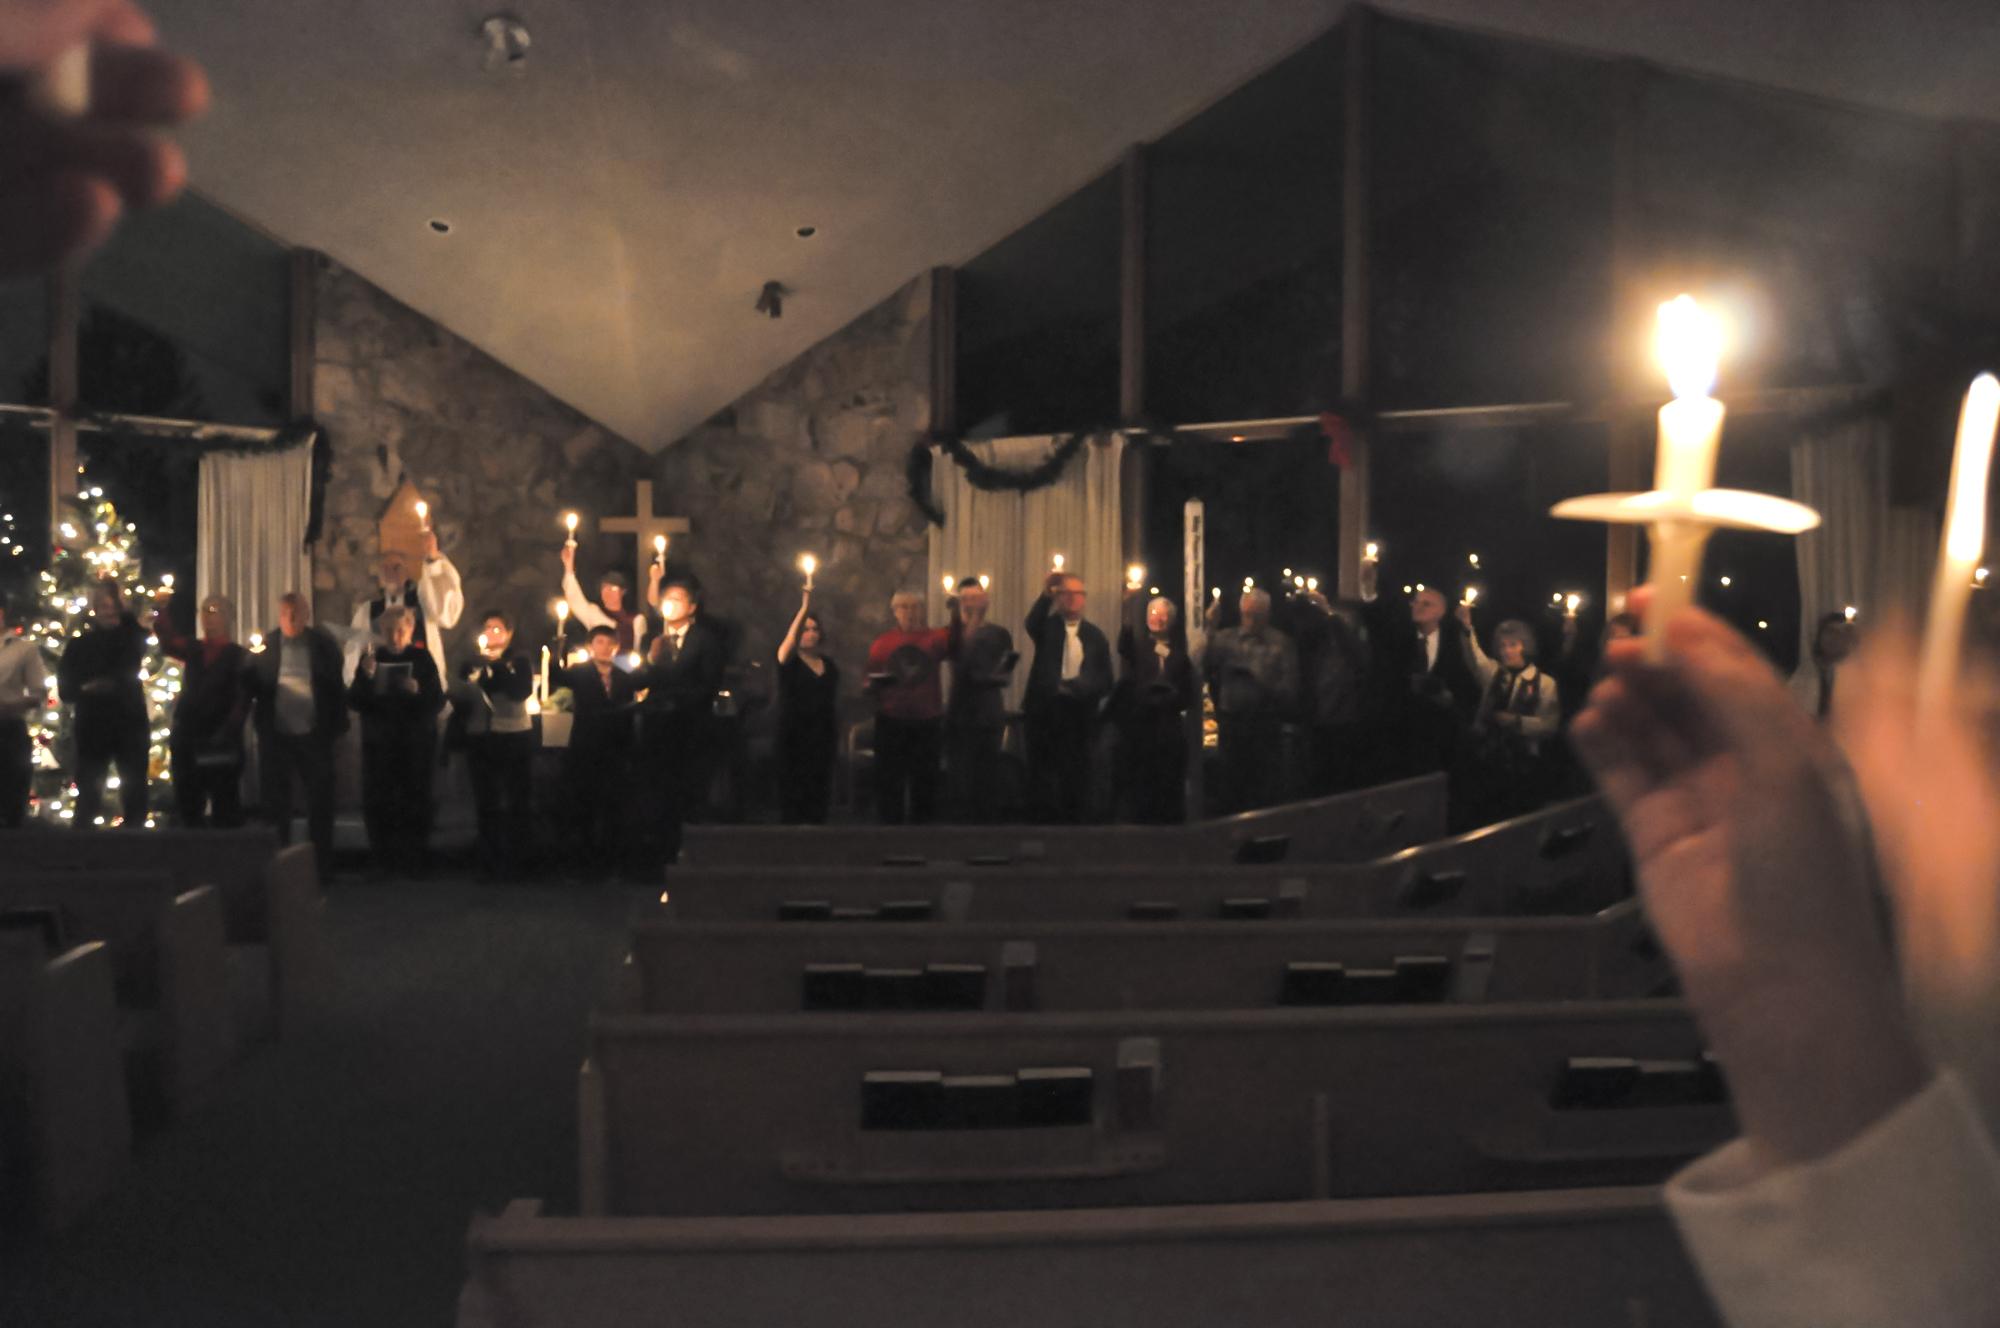 UCC xmas candles